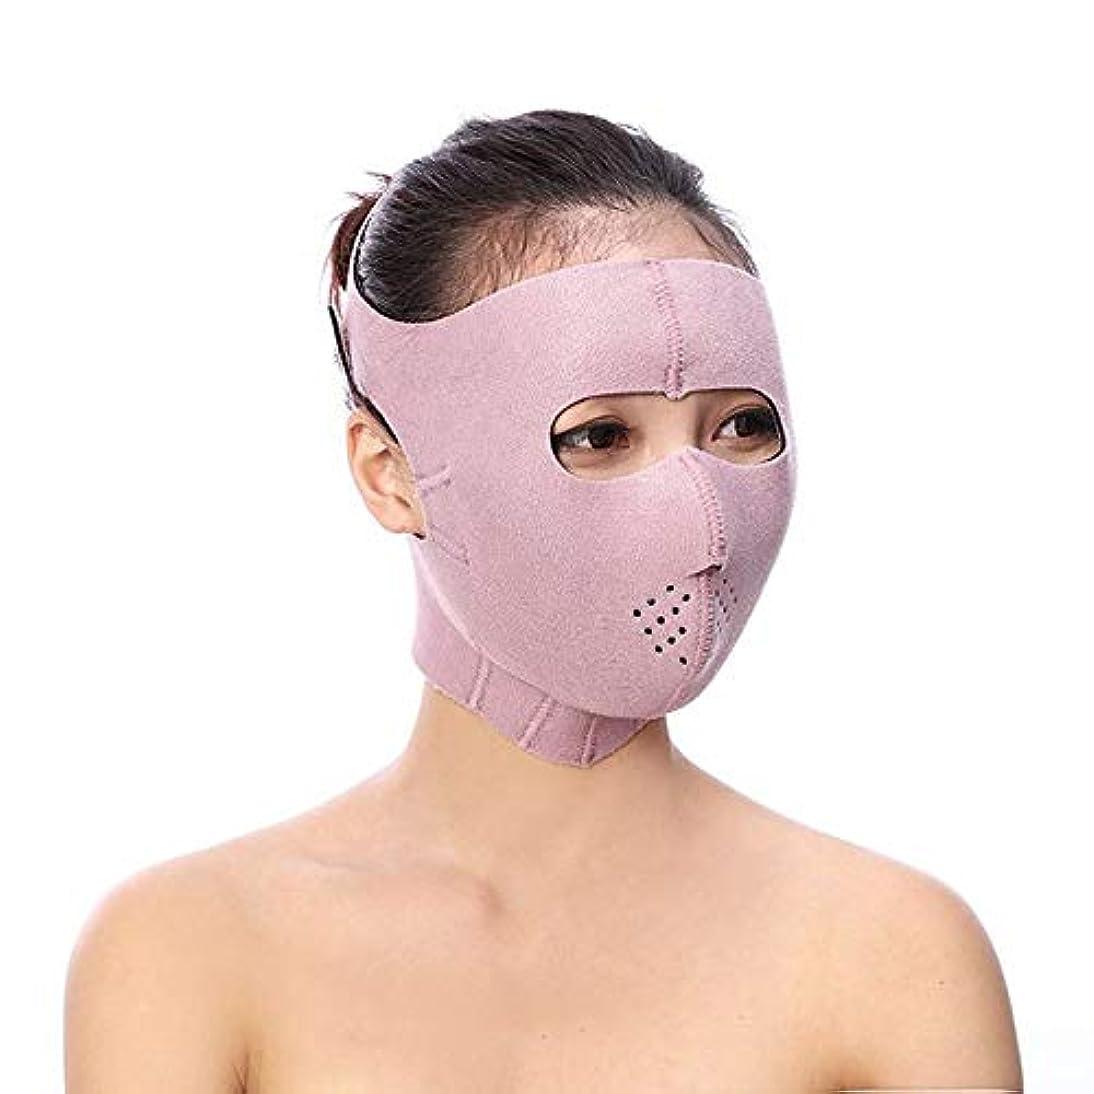 若者買い物に行くこんにちはフェイスリフティングベルト、フェイスリフティング包帯顔の形をしたV字形状により、睡眠の質が向上します。 (Color : Pink)